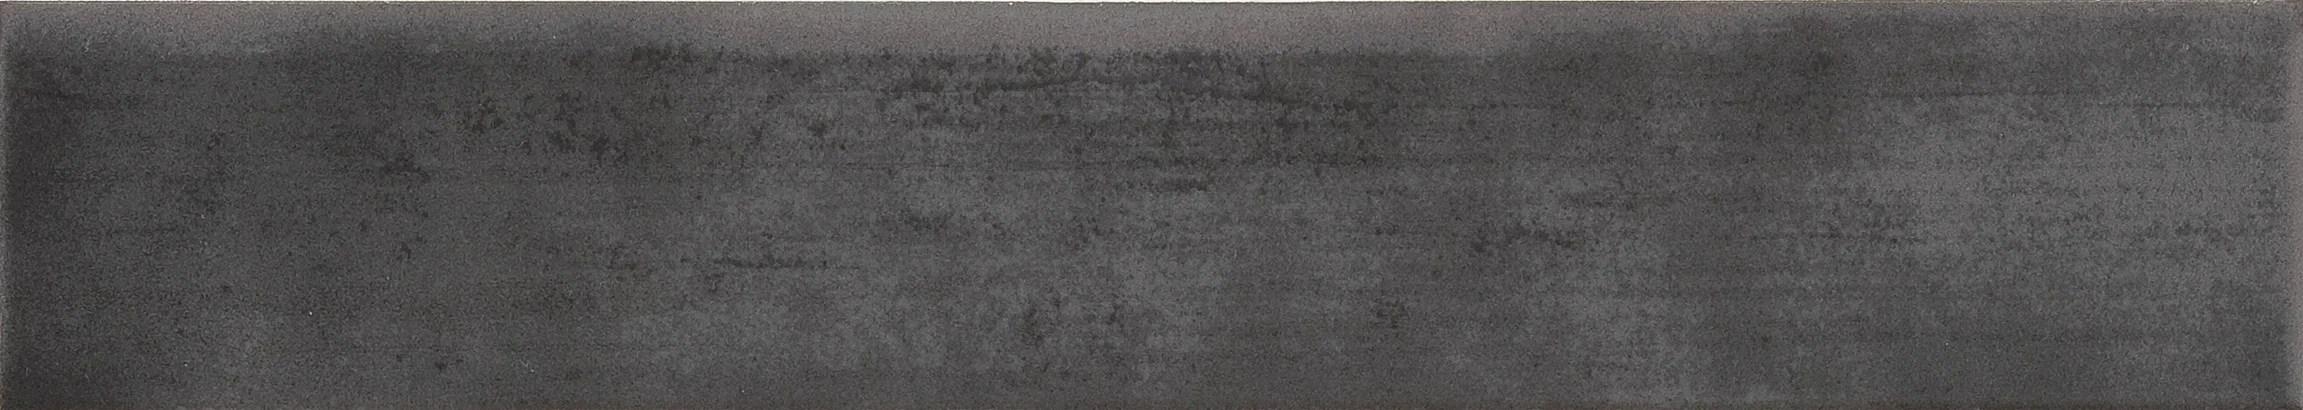 Carrelage Mur Et Sol Forte Beton Gris Fonce Mat L 30 X L 60 4 Cm Eiffel Leroy Merlin